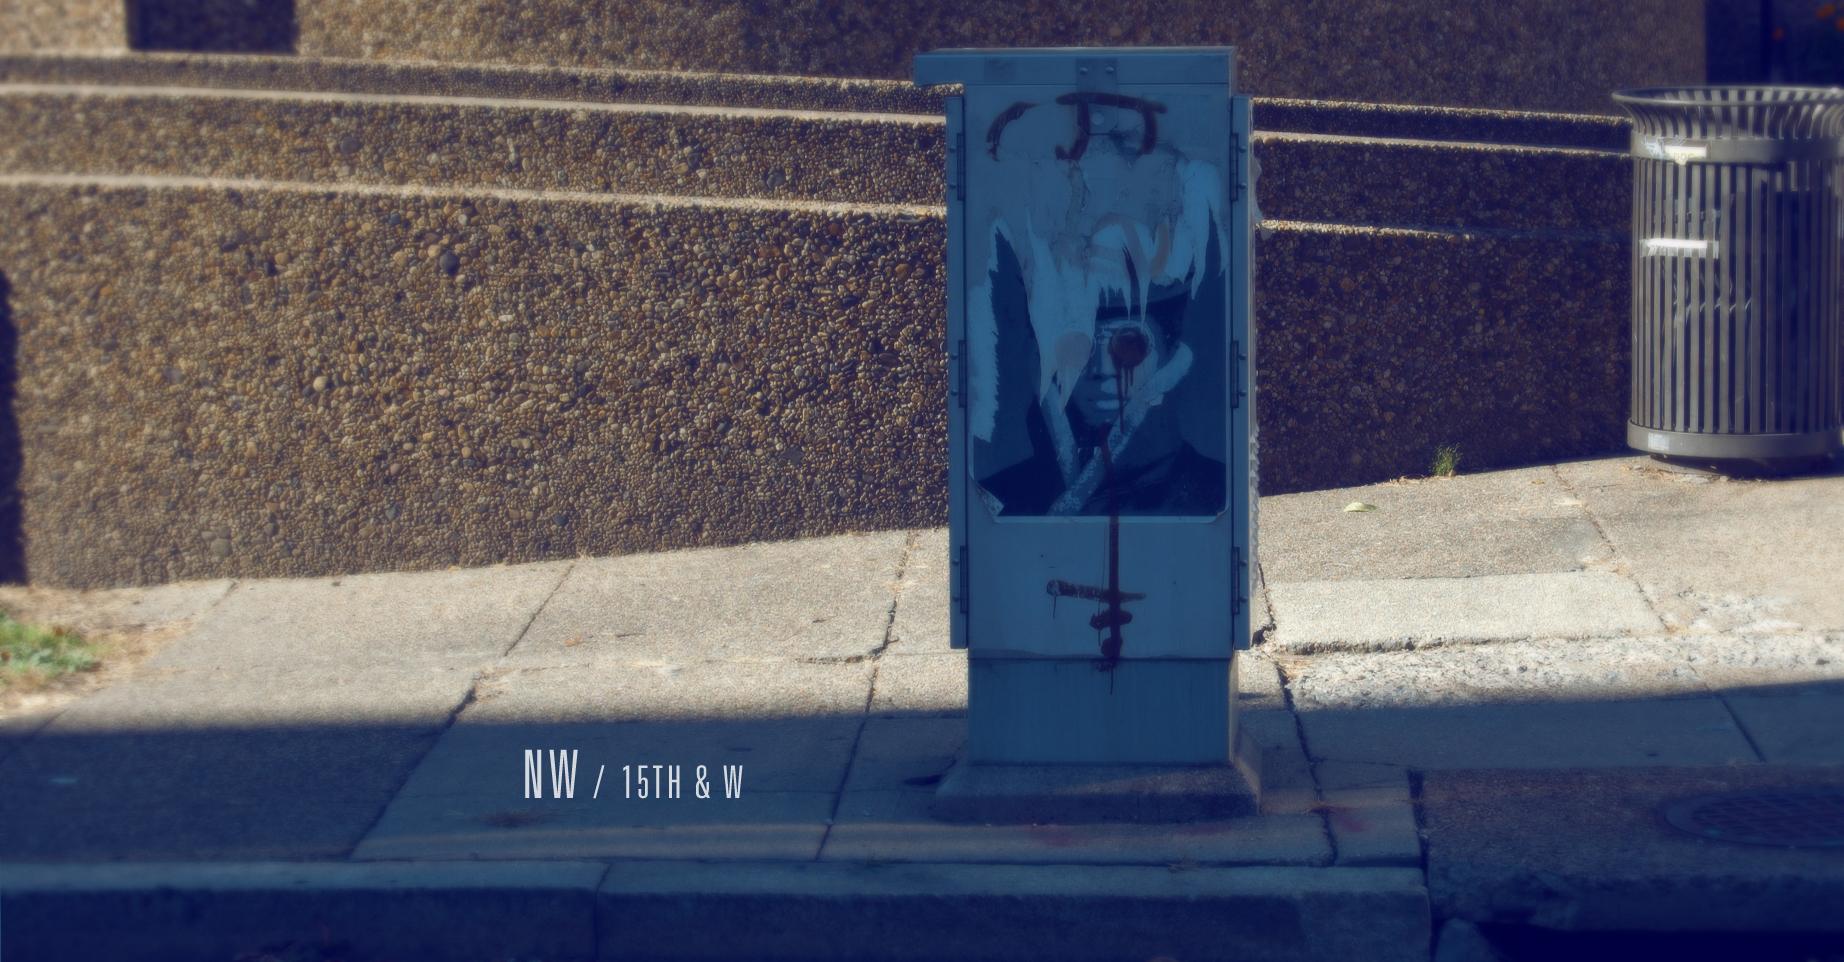 MOTLEY_DC-ALEX_f22.jpg